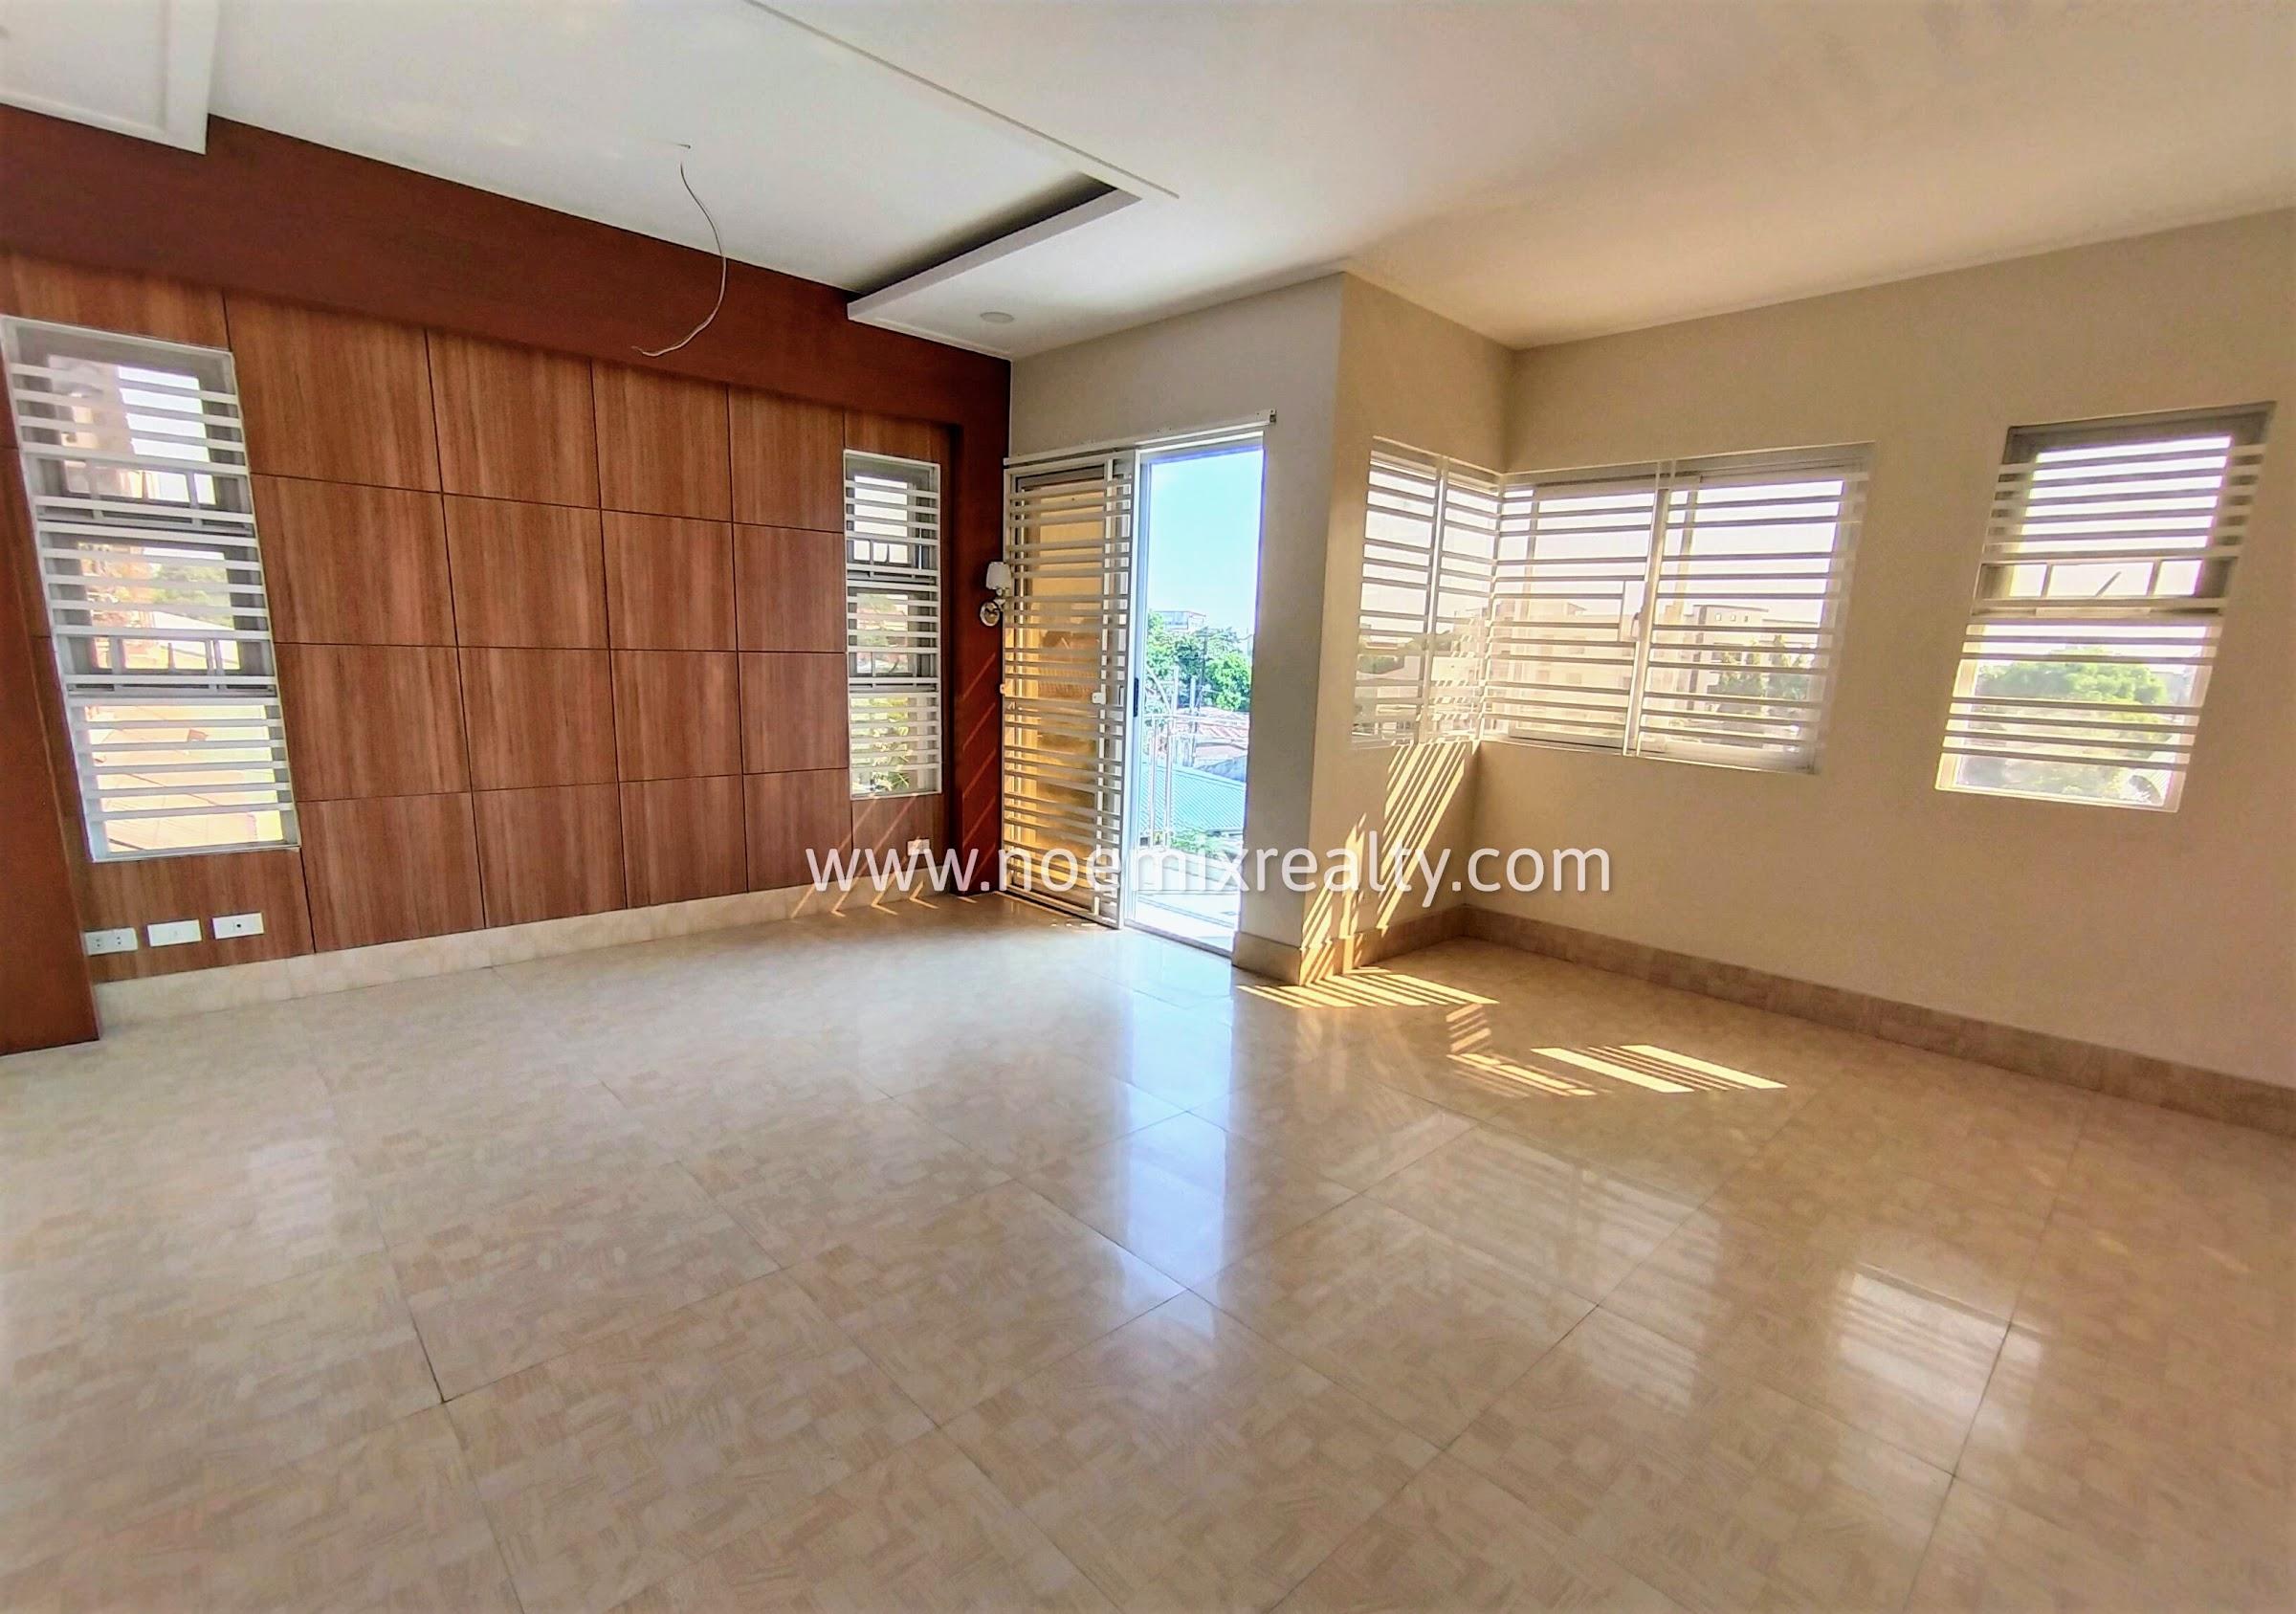 8 Bedroom Townhouse in Tandang Sora, Mindanao Avenue, Quezon City bedroom